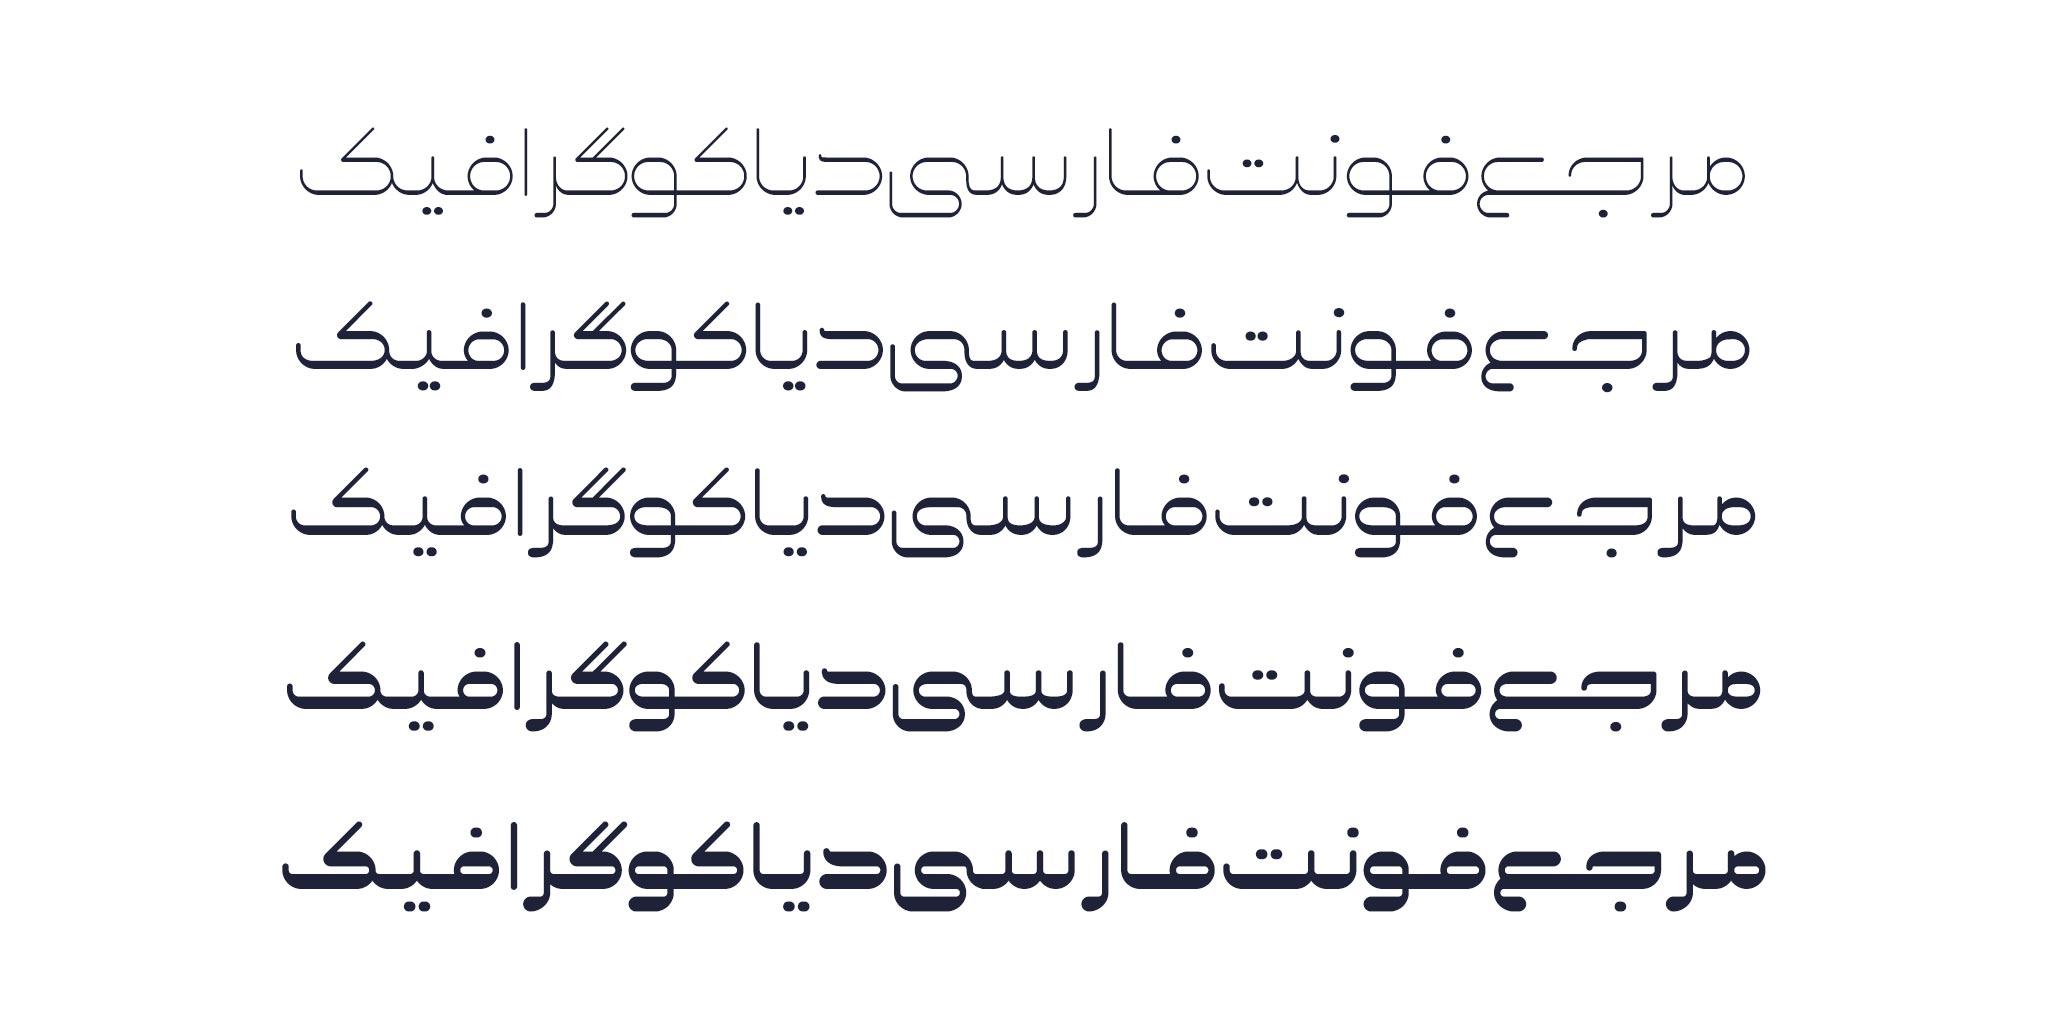 دانلود فونت تایپوگرافی فارسی فرشاد